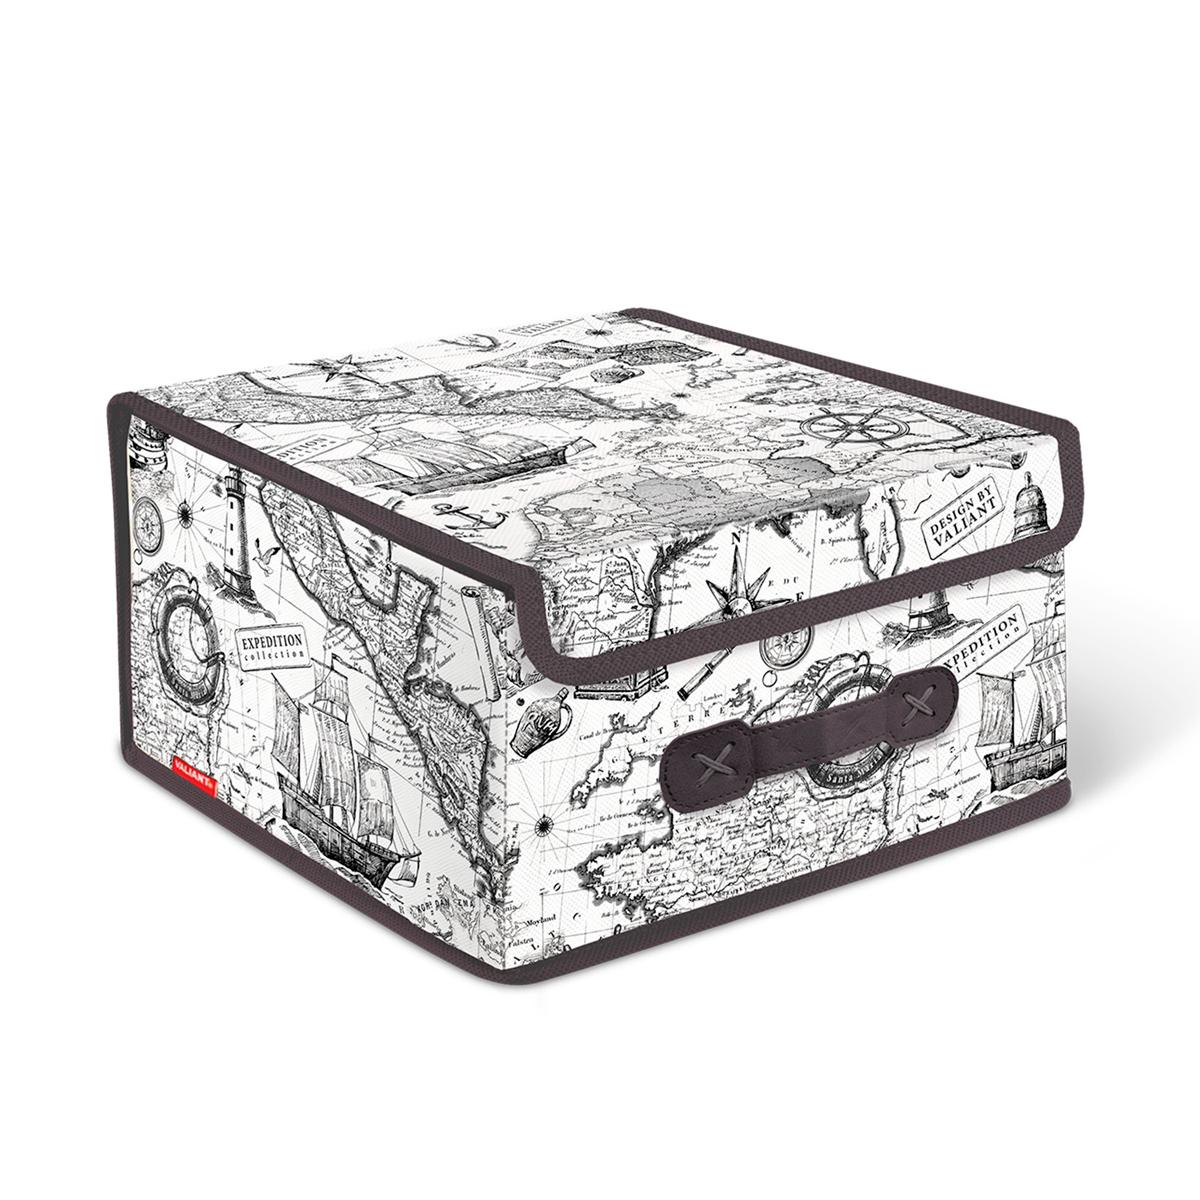 Короб стеллажный Valiant Expedition, с крышкой, 28 х 30 х 16 смEX-BOX-LSСтеллажный короб Valiant Expedition изготовлен из высококачественного нетканого материала, который обеспечивает естественную вентиляцию, позволяя воздуху проникать внутрь, но не пропускает пыль. Вставки из плотного картона хорошо держат форму. Короб снабжен специальной крышкой, которая фиксируется с помощью липучек. Изделие отличается мобильностью: легко раскладывается и складывается. В таком коробе удобно хранить одежду, белье и мелкие аксессуары. Оригинальный монохромный дизайн Expedition погружает в романтическую атмосферу морских экспедиций, дальних странствий и географических открытий. Система хранения в едином дизайне станет стильным акцентом в современном гардеробе.